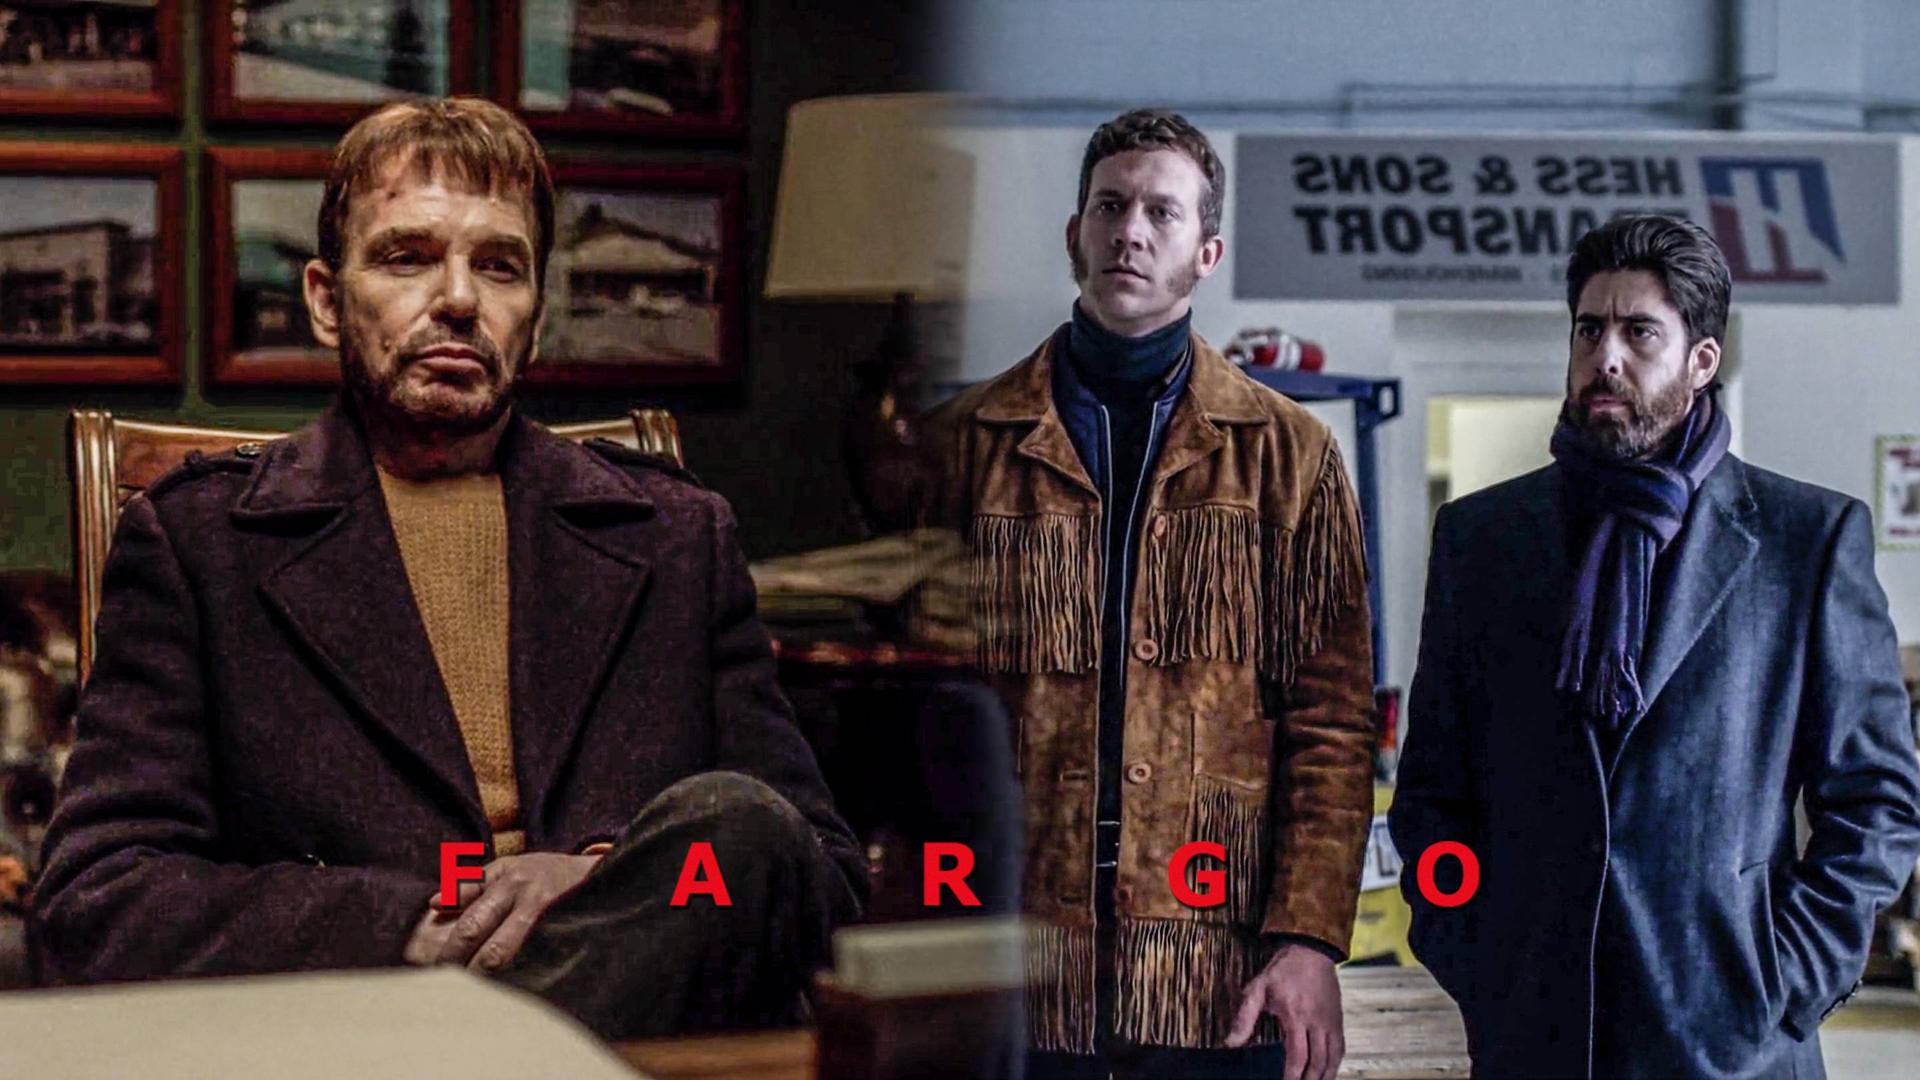 【墨菲】《冰血暴》第2期:Fargo集团登场!神秘杀手遭遇黑白两道夹击